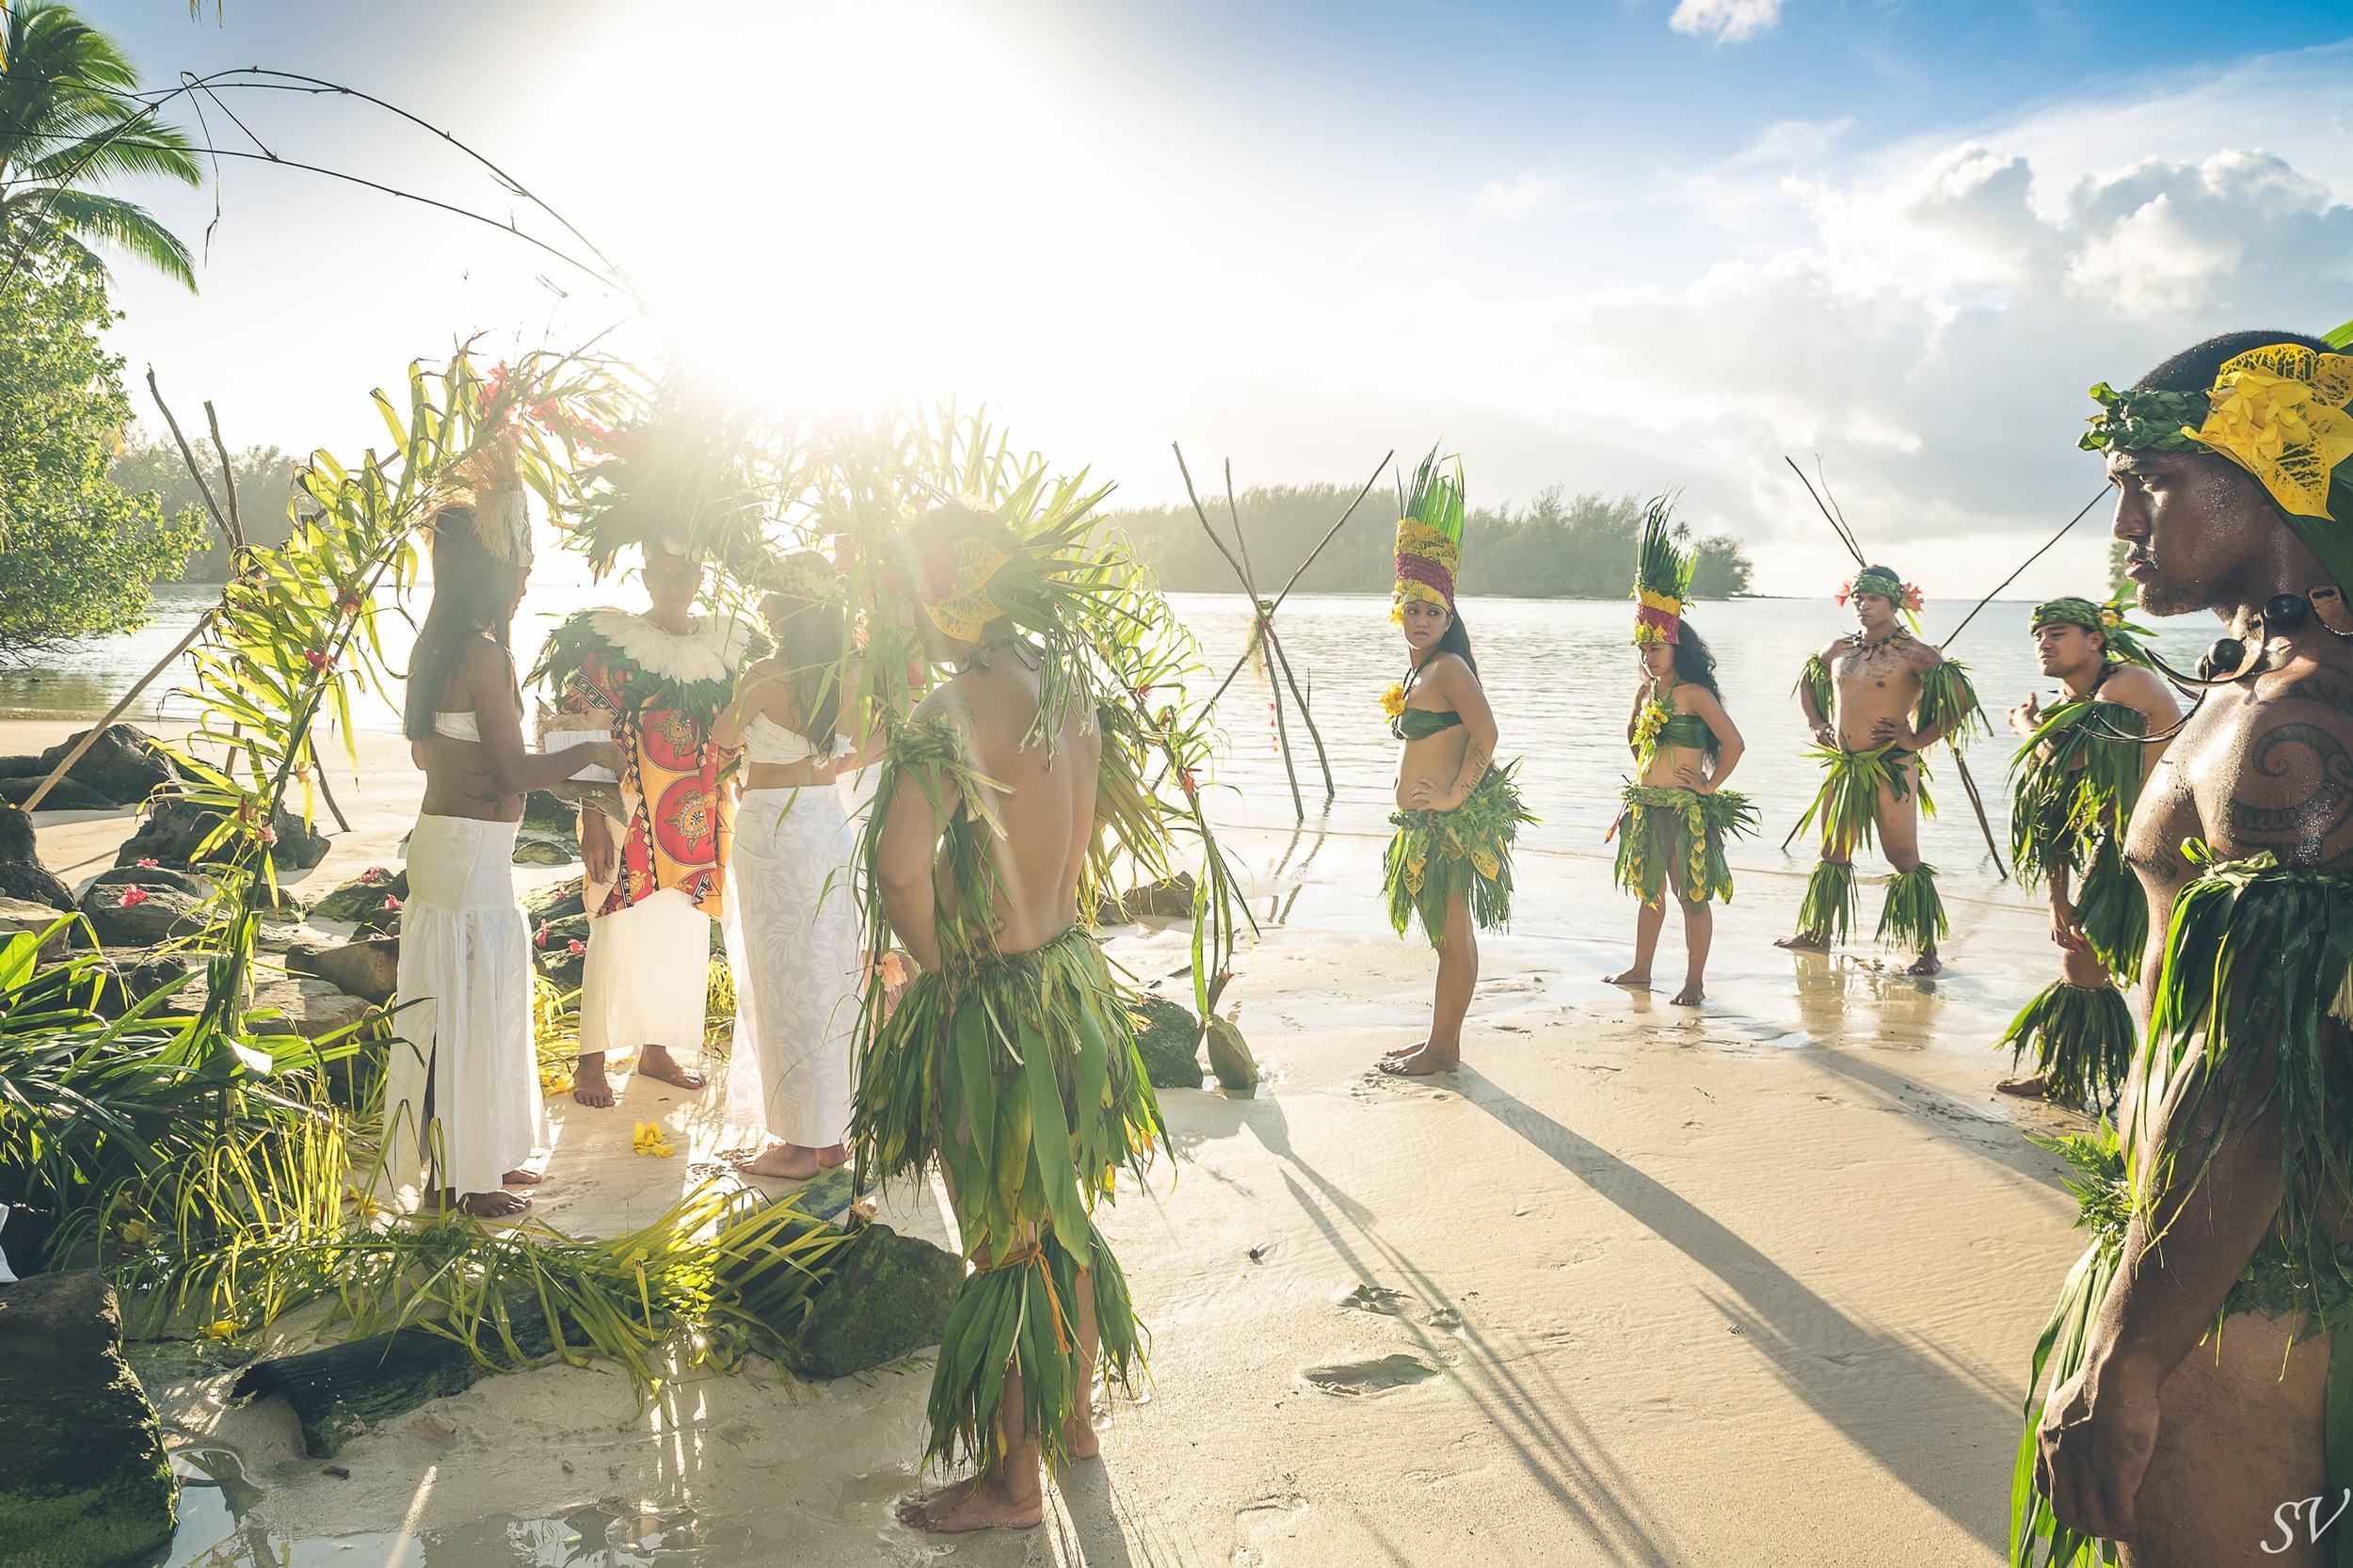 Destination wedding in French Polynesia